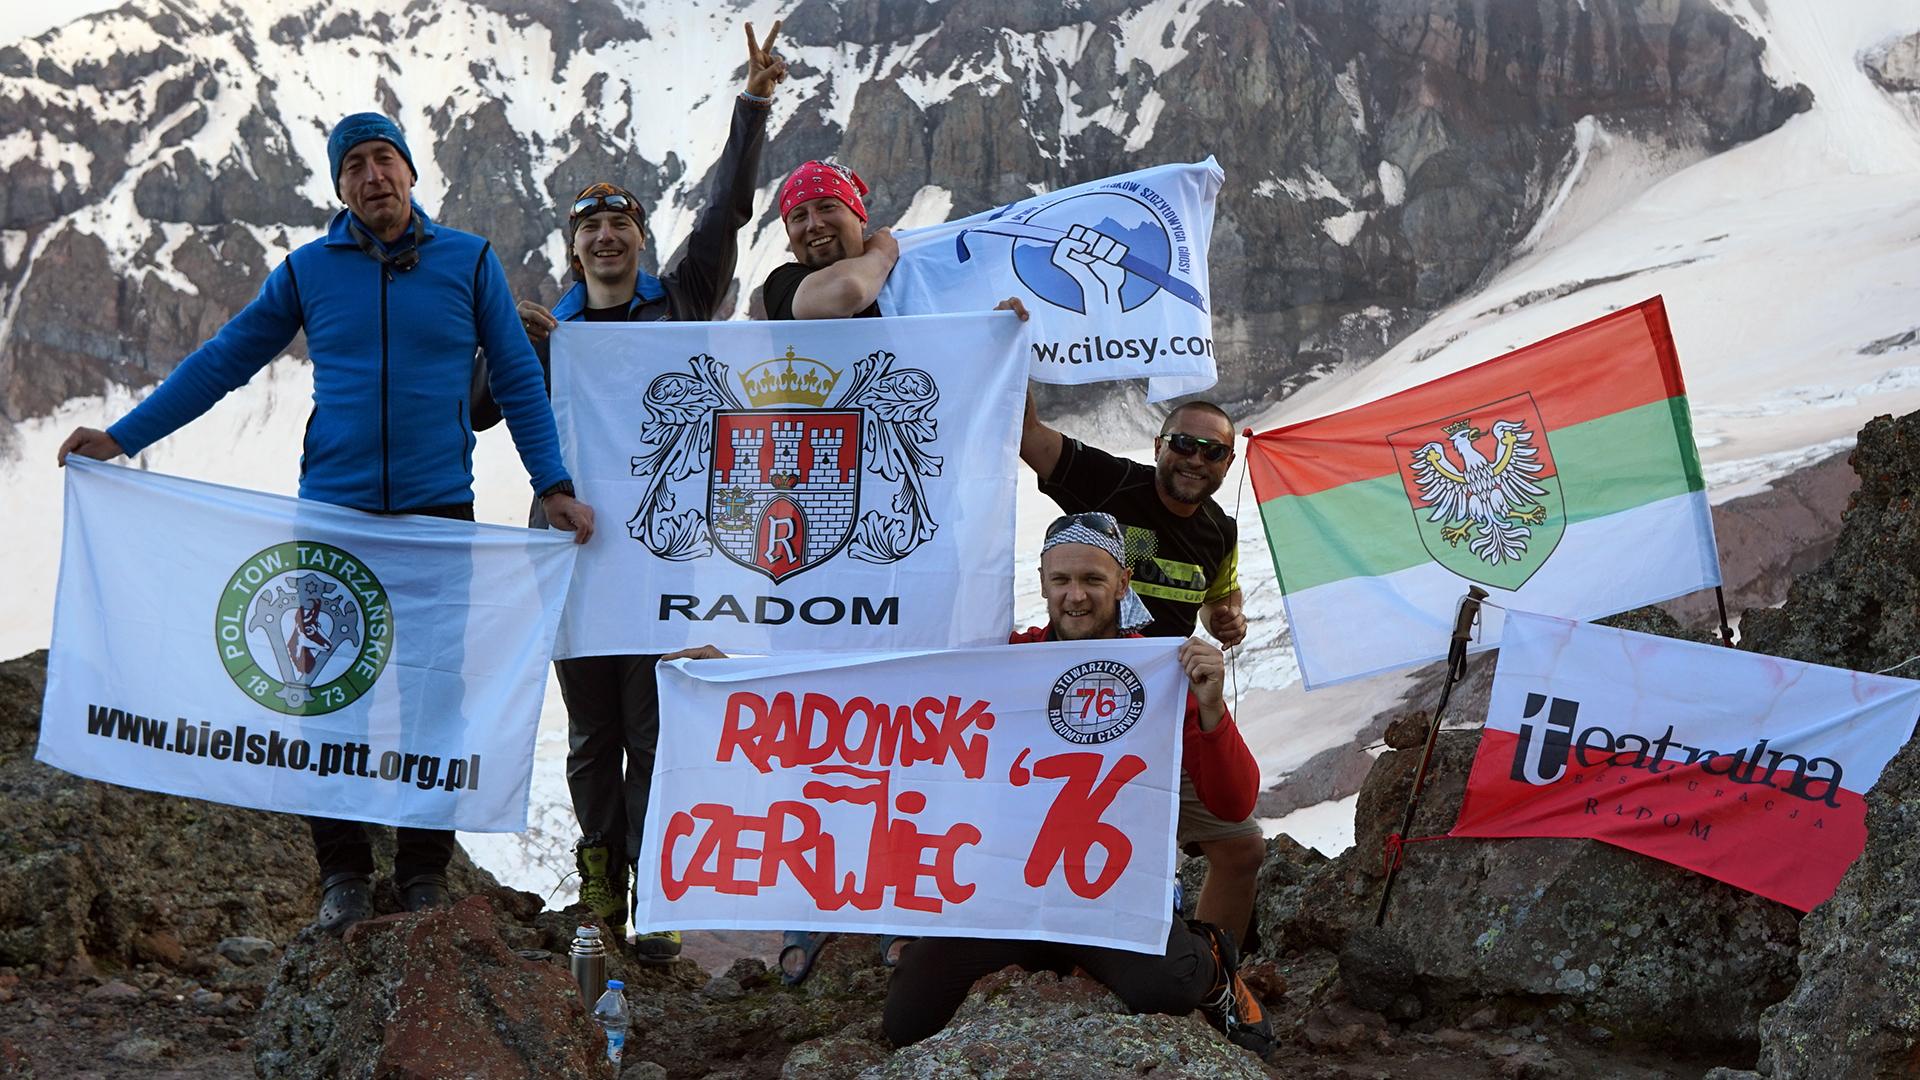 flagi miast ekipy: bielsko, radom, sosnowiec